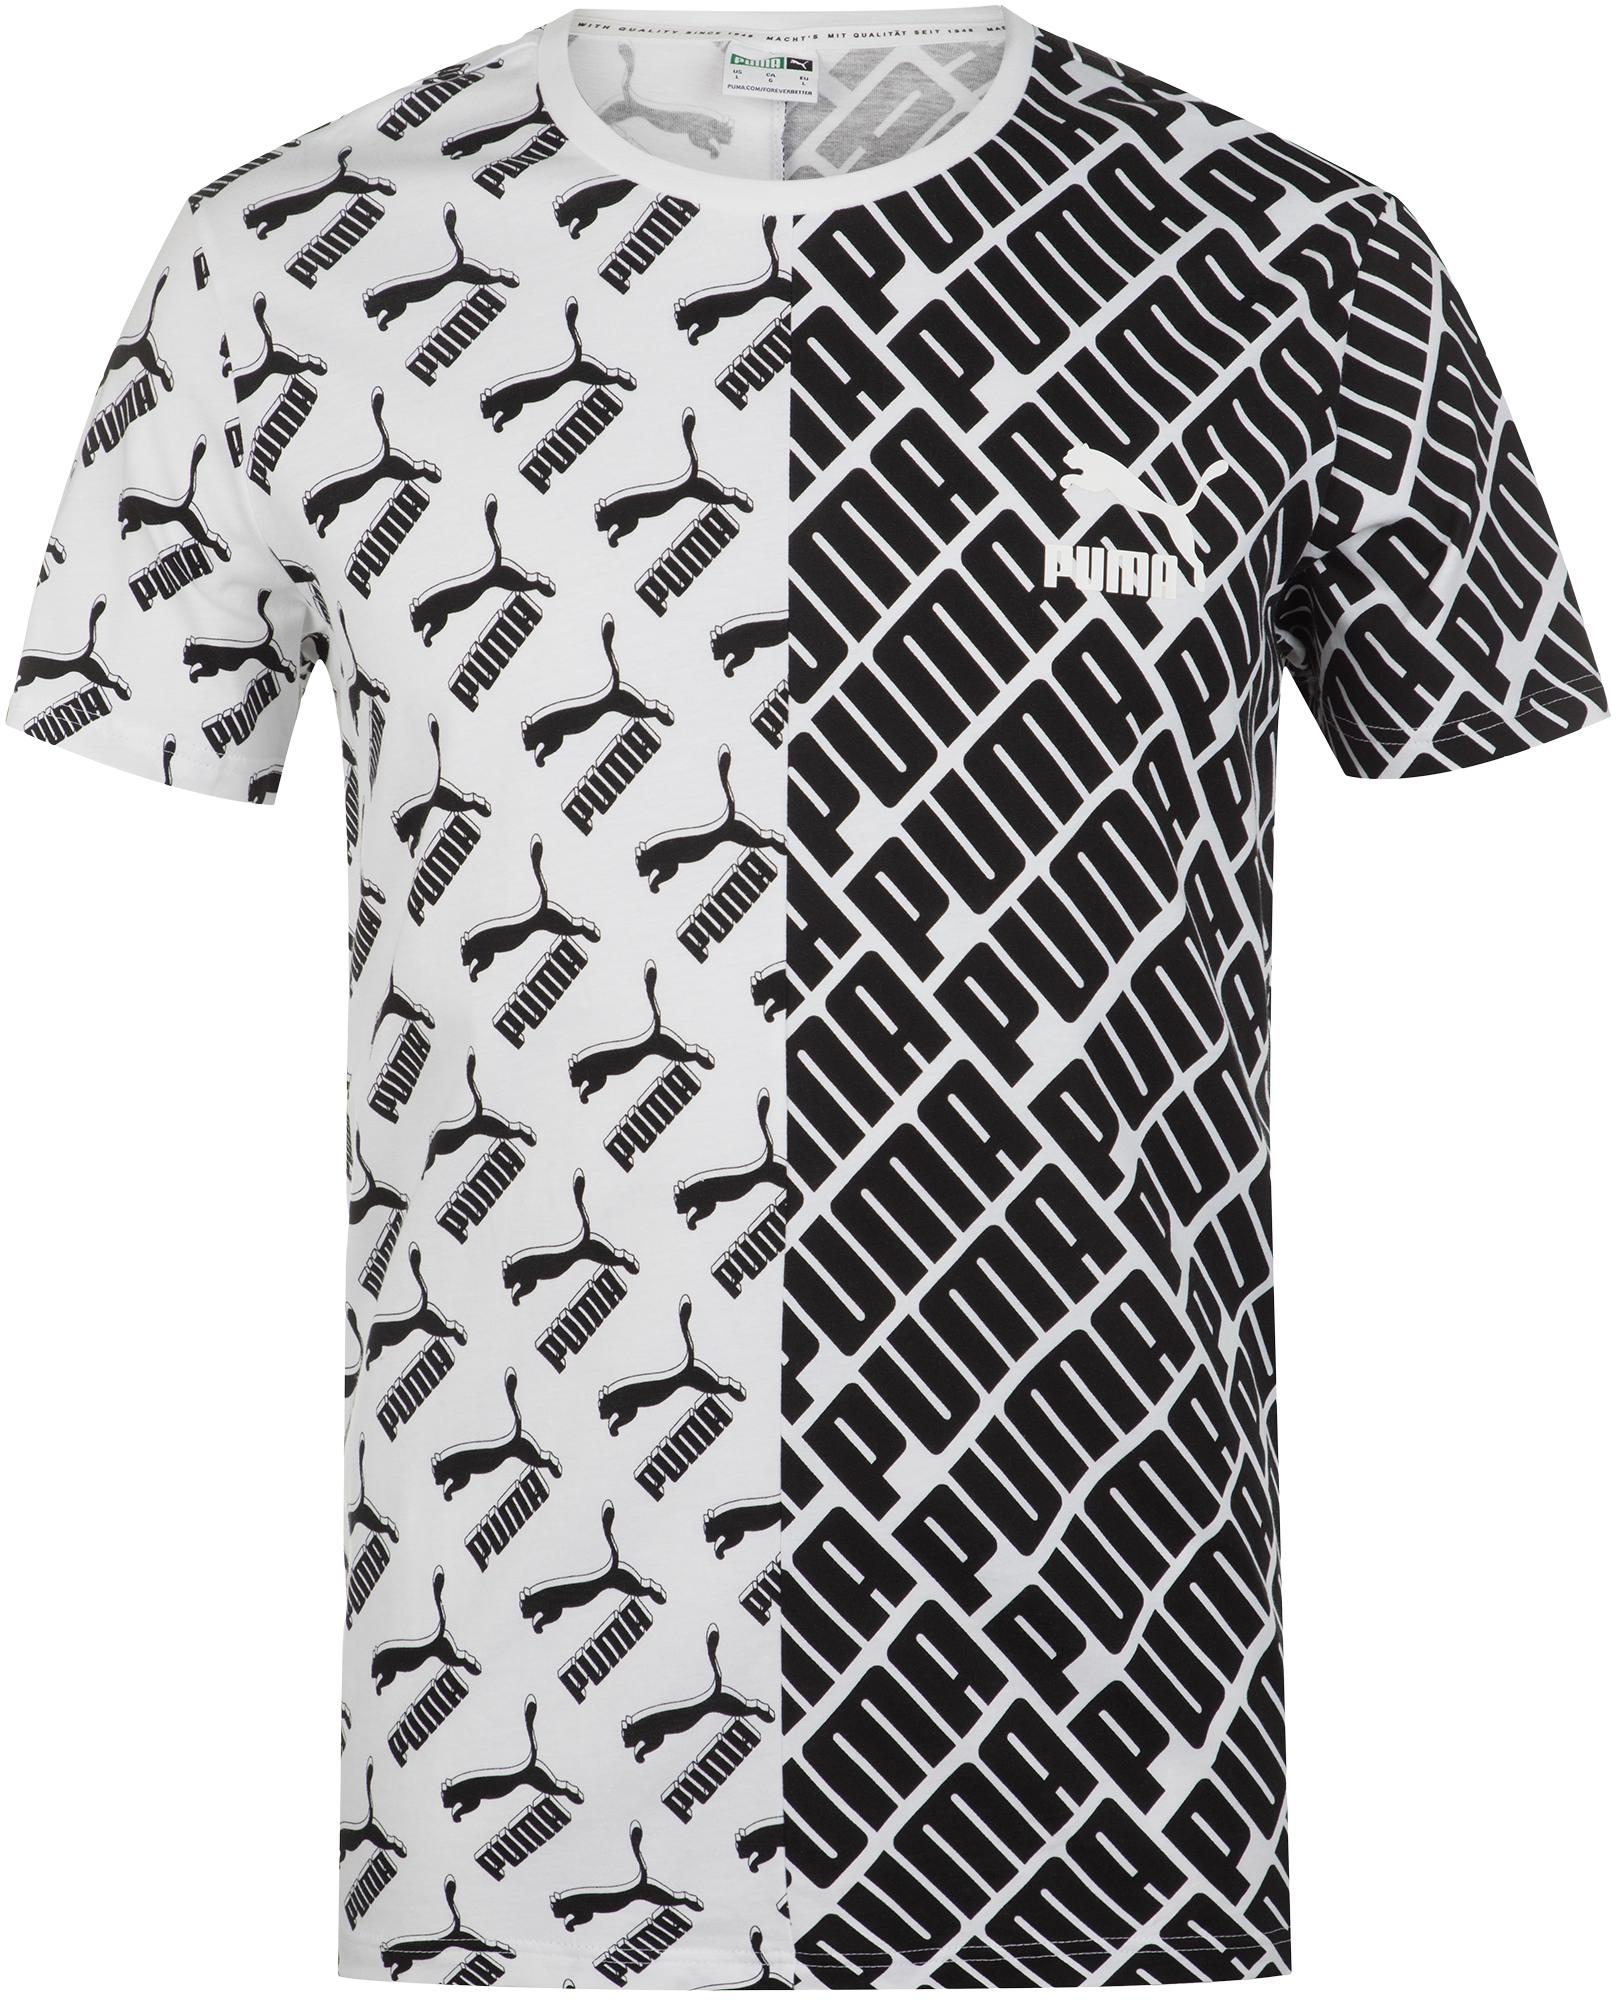 Puma Футболка мужская Puma AOP Split Tee, размер 48-50 puma футболка мужская puma aop split tee размер 48 50